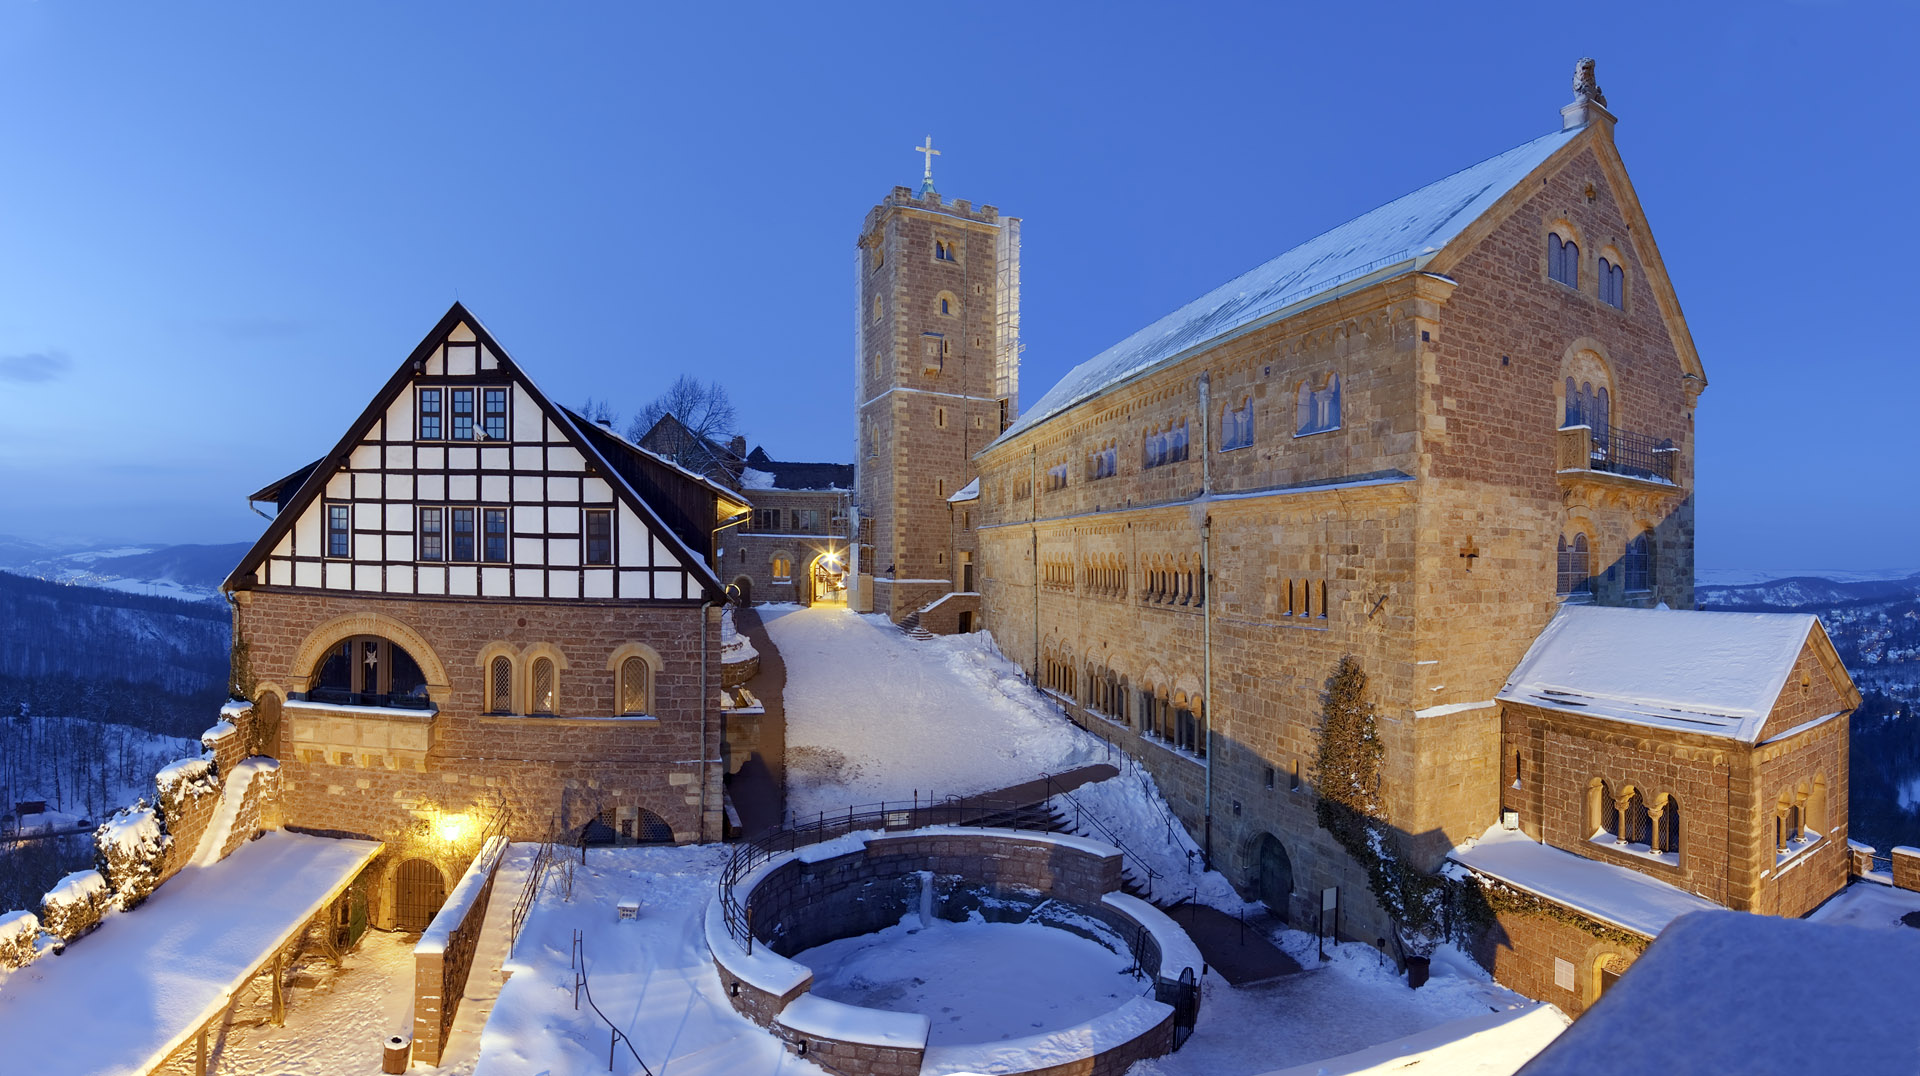 Wartburg im Winter beleuchtet Panorama HDR